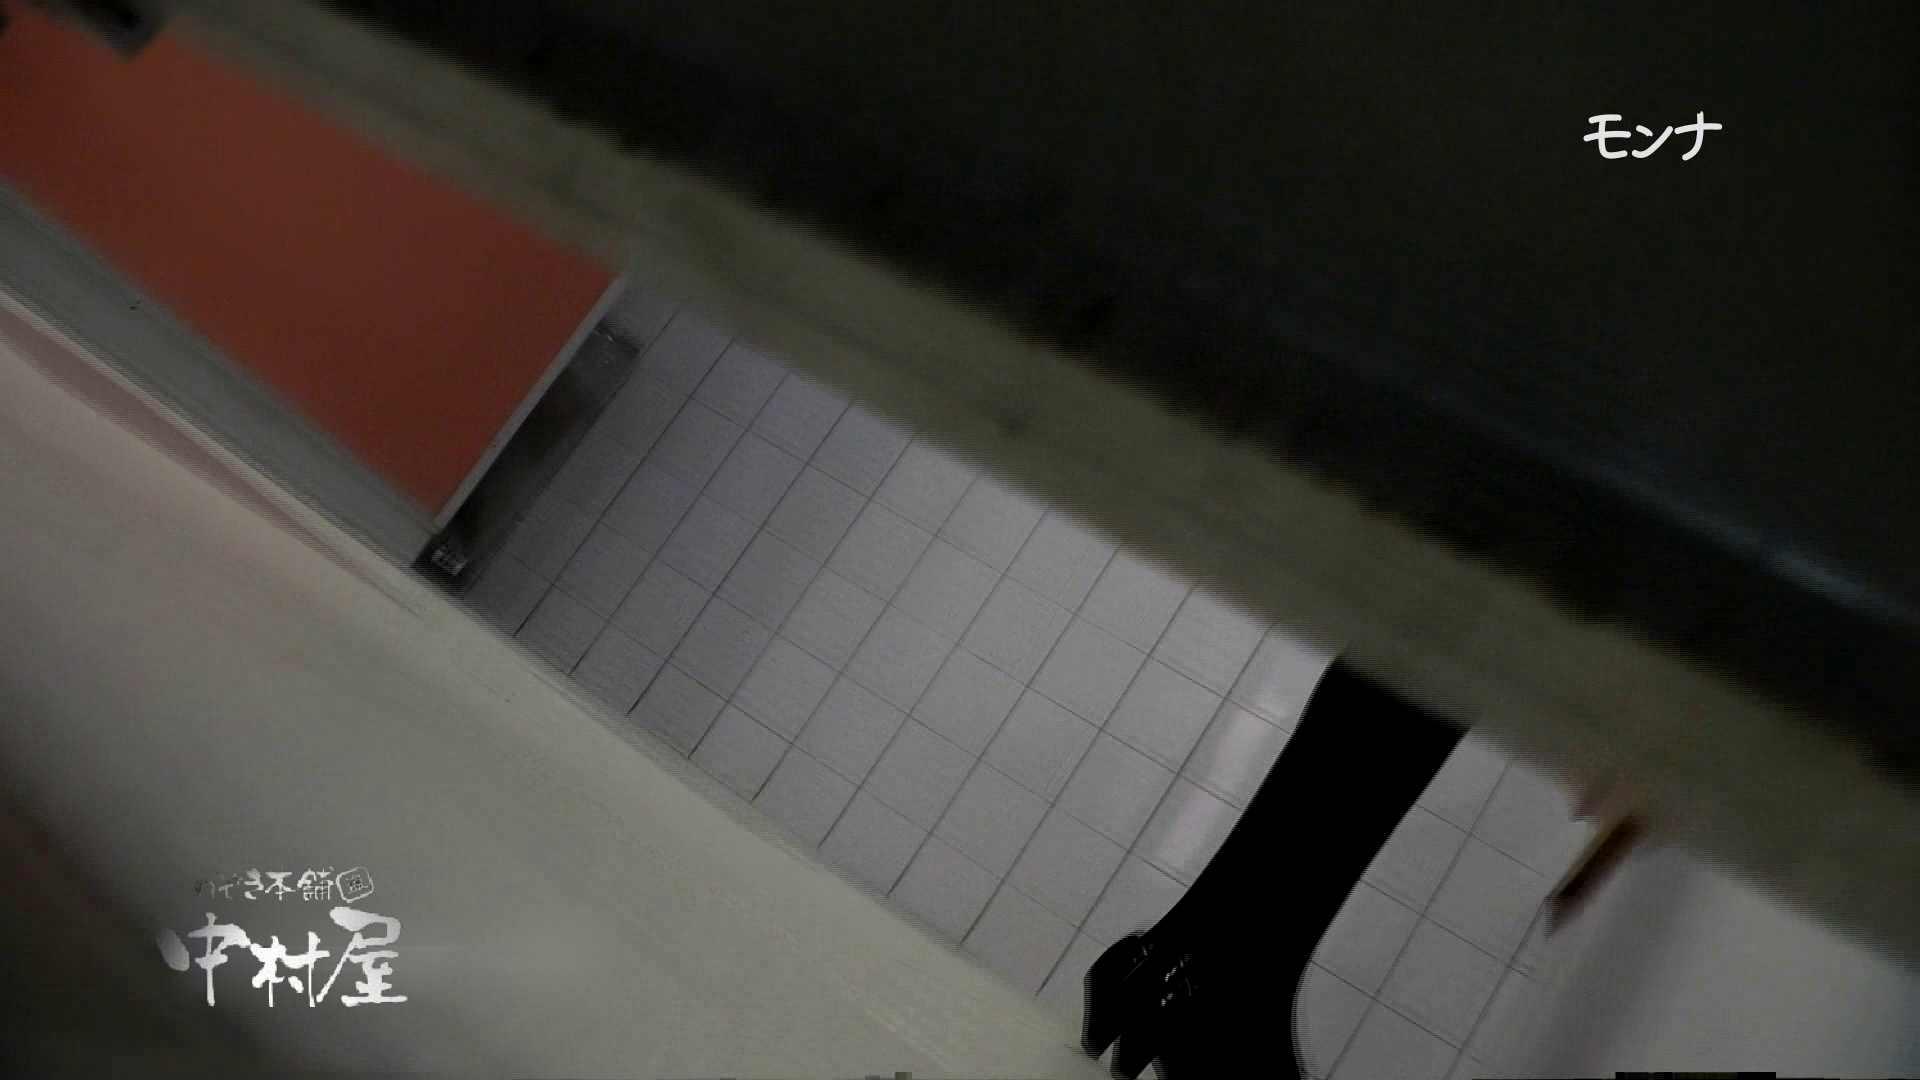 【美しい日本の未来】新学期!!下半身中心に攻めてます美女可愛い女子悪戯盗satuトイレ後編 下半身 覗きおまんこ画像 82連発 15